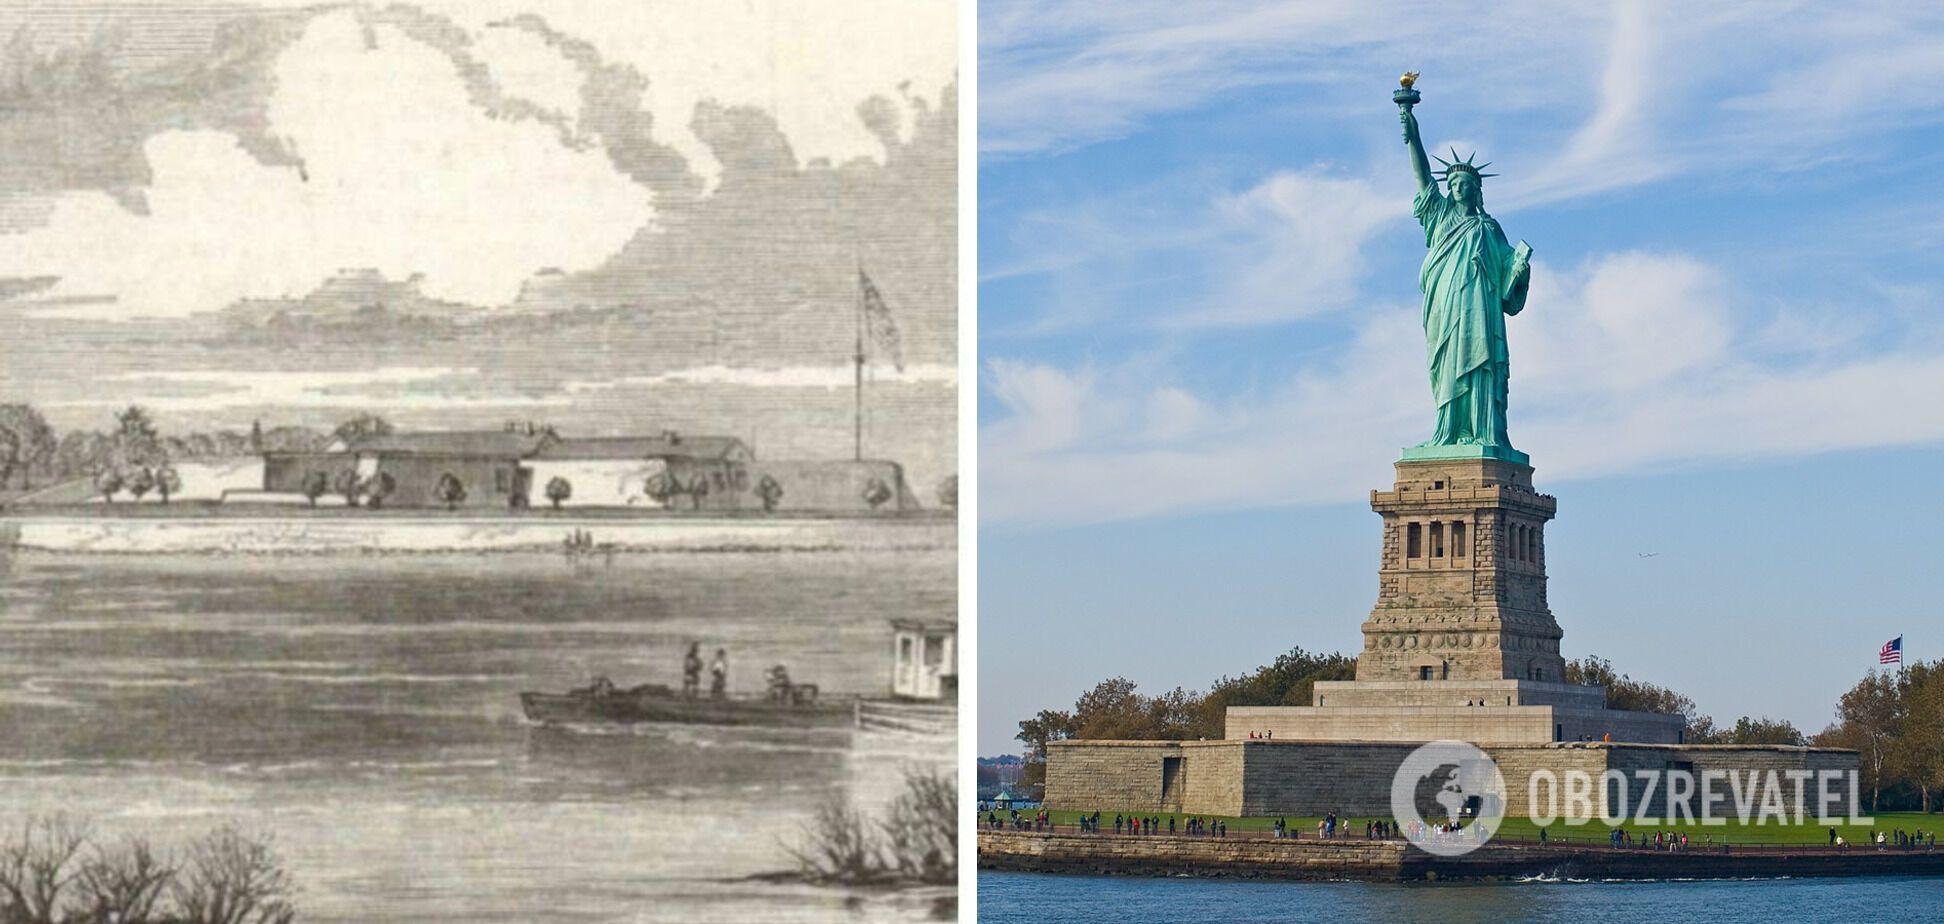 Остров Свободы в Нью-Йорке до и после установки статуи Свободы.